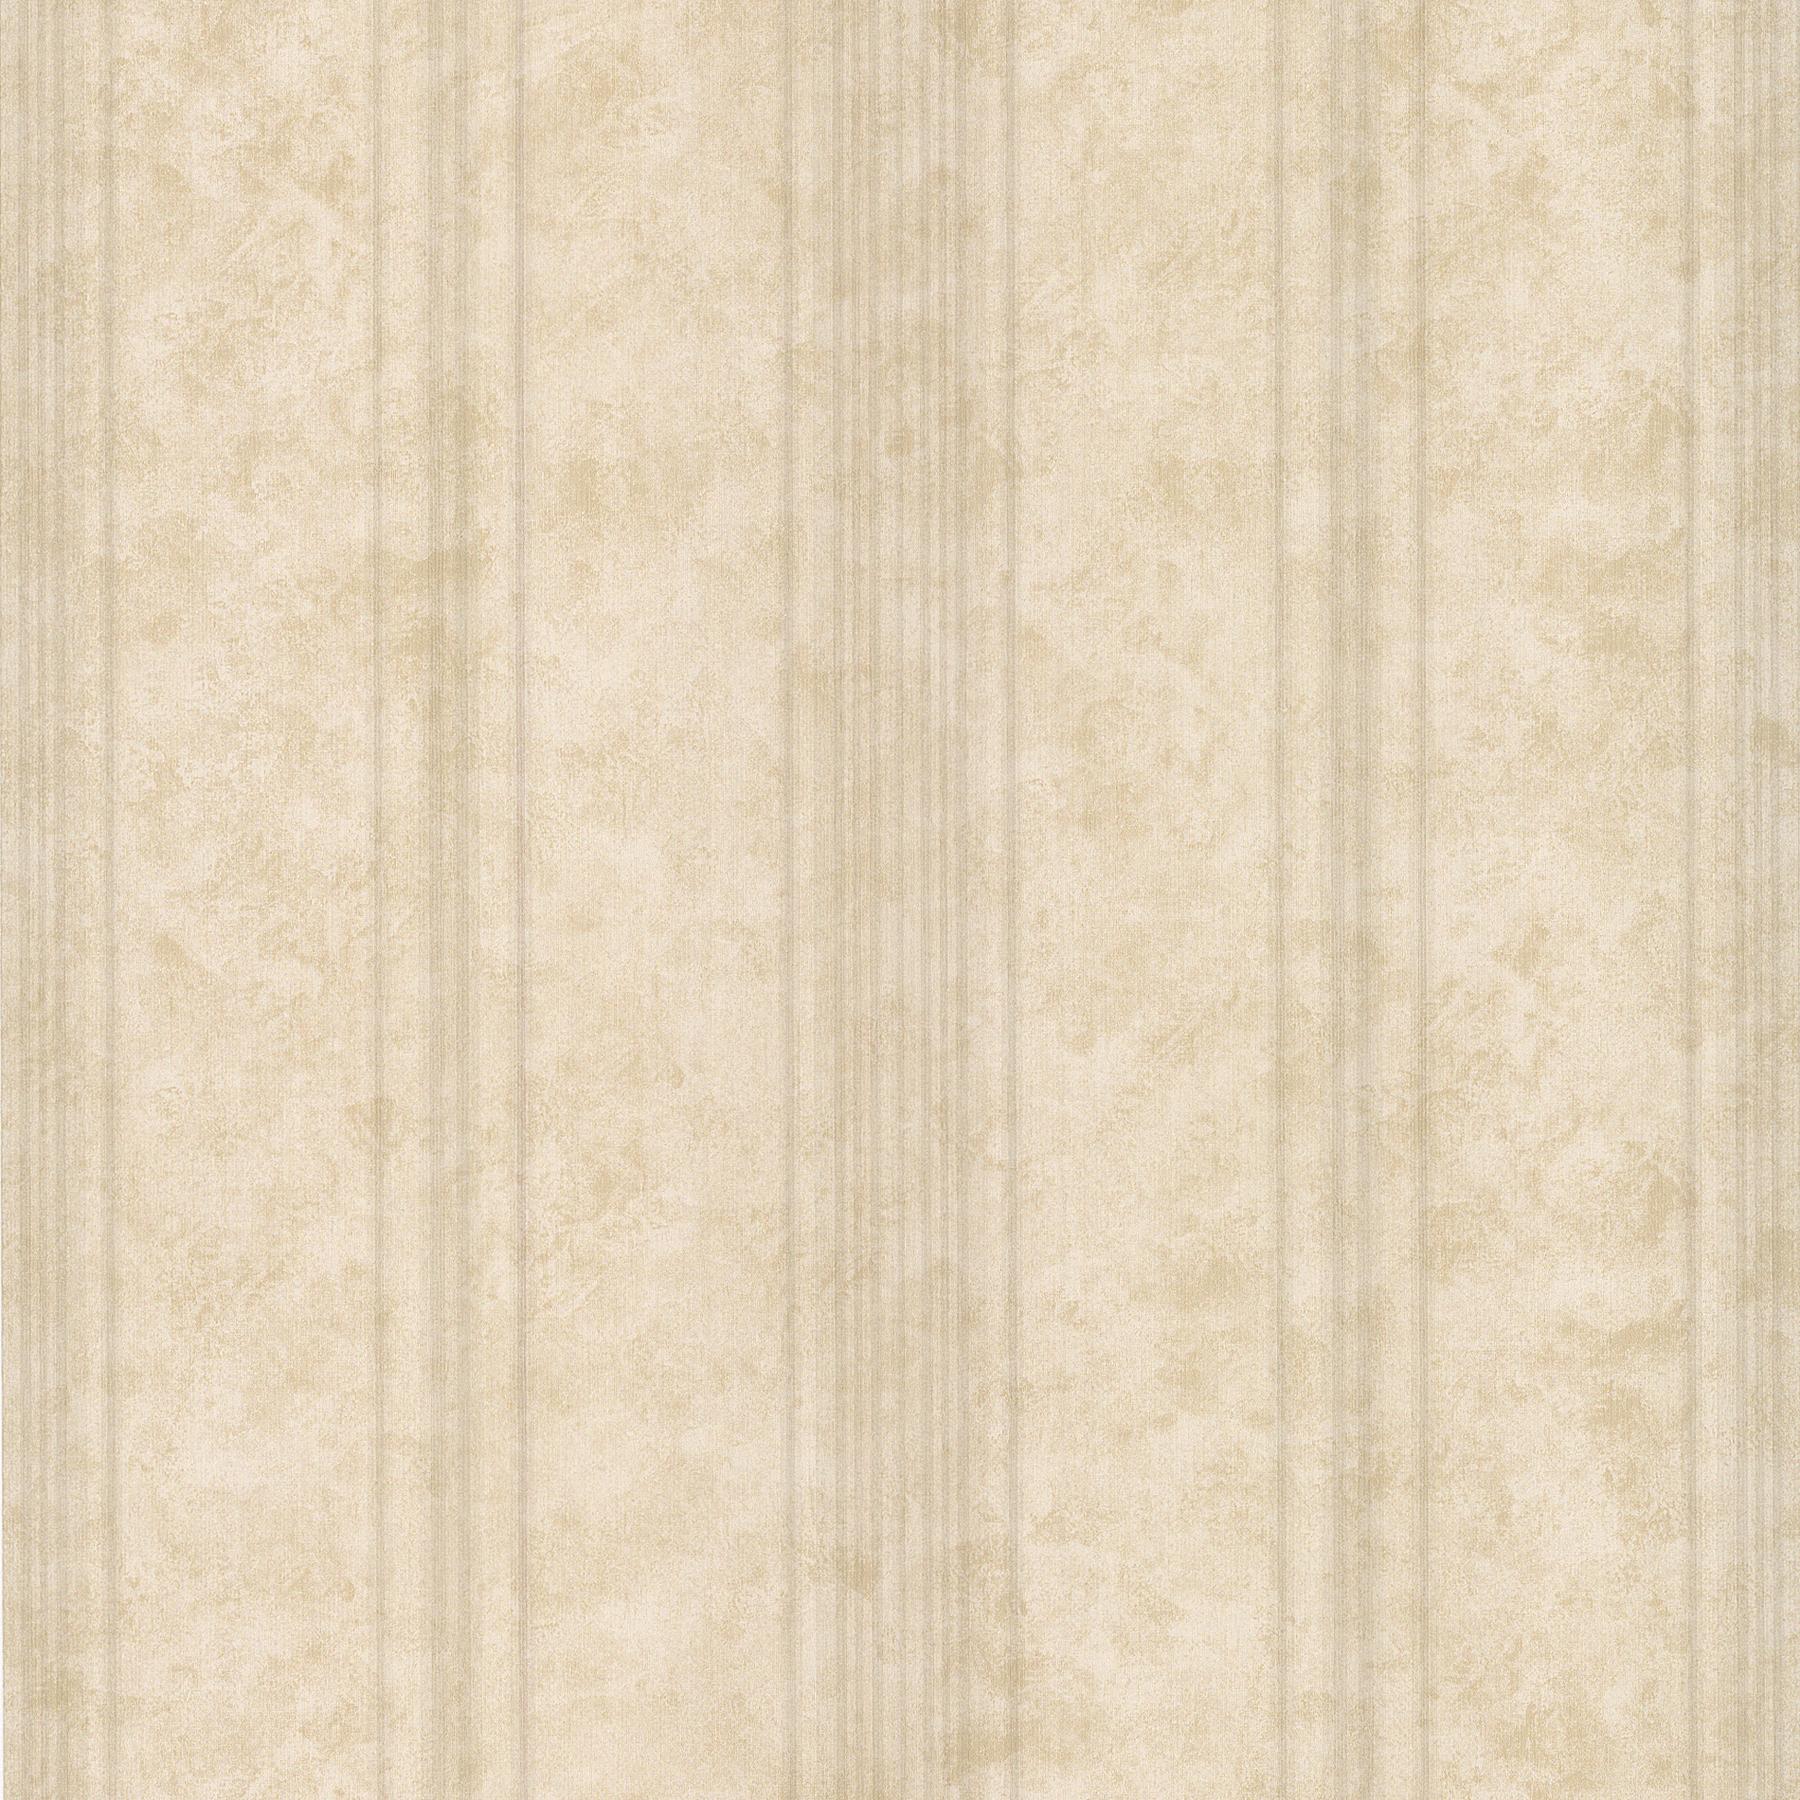 Picture of Biella Olive Stria Stripe Wallpaper